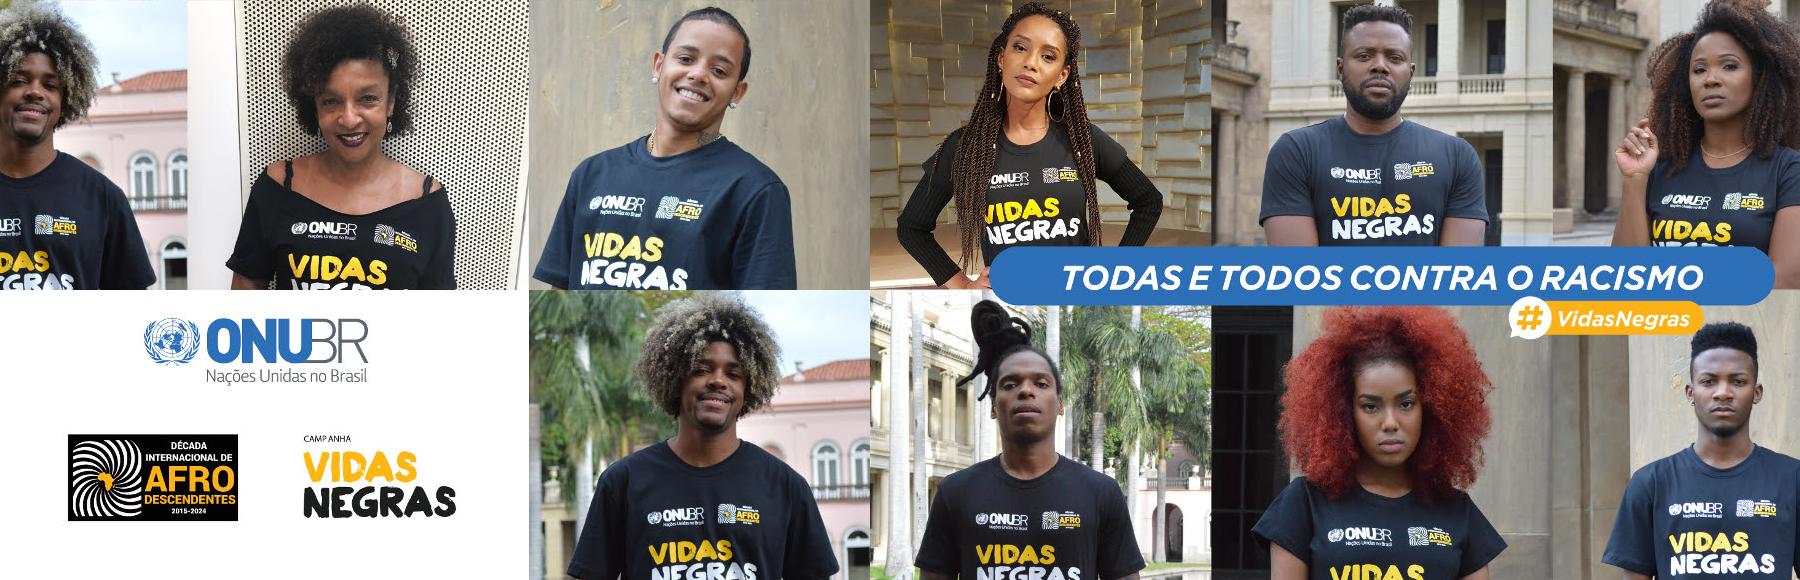 Resultado de imagem para campanha vidas negras